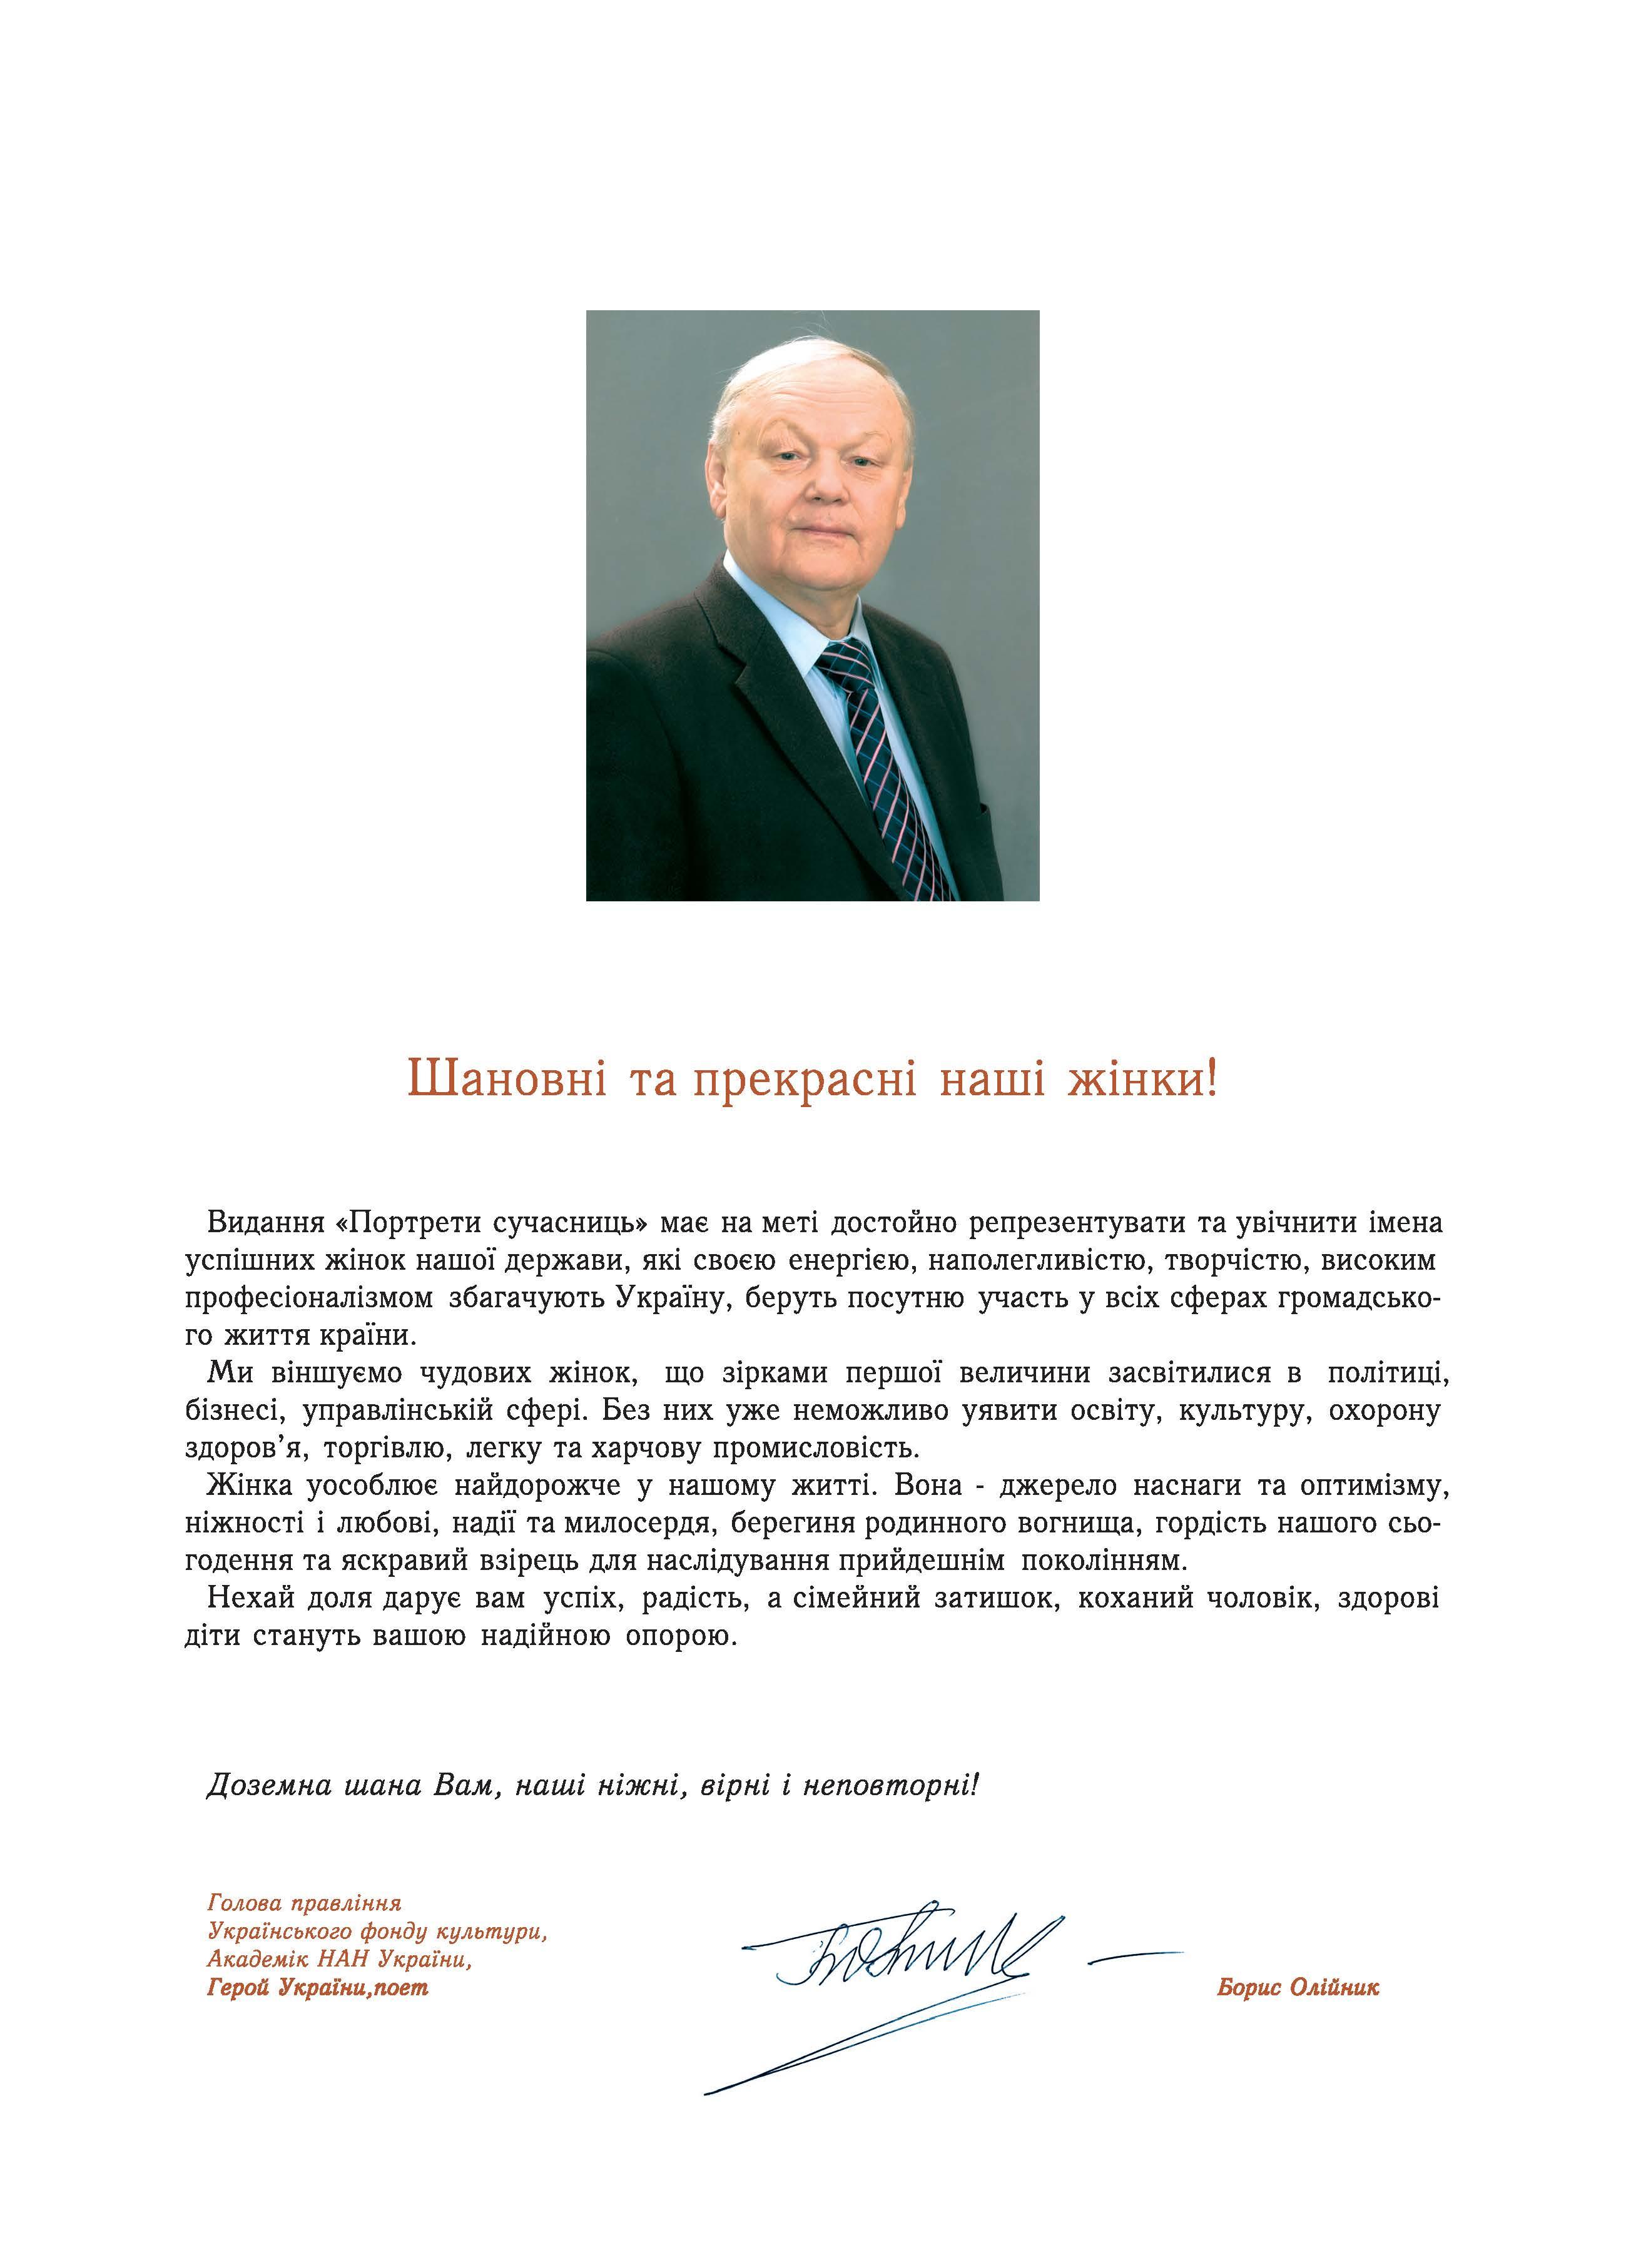 Звернення до читачів Олійника Бориса Ілліча - голови правління Українського фонду культури